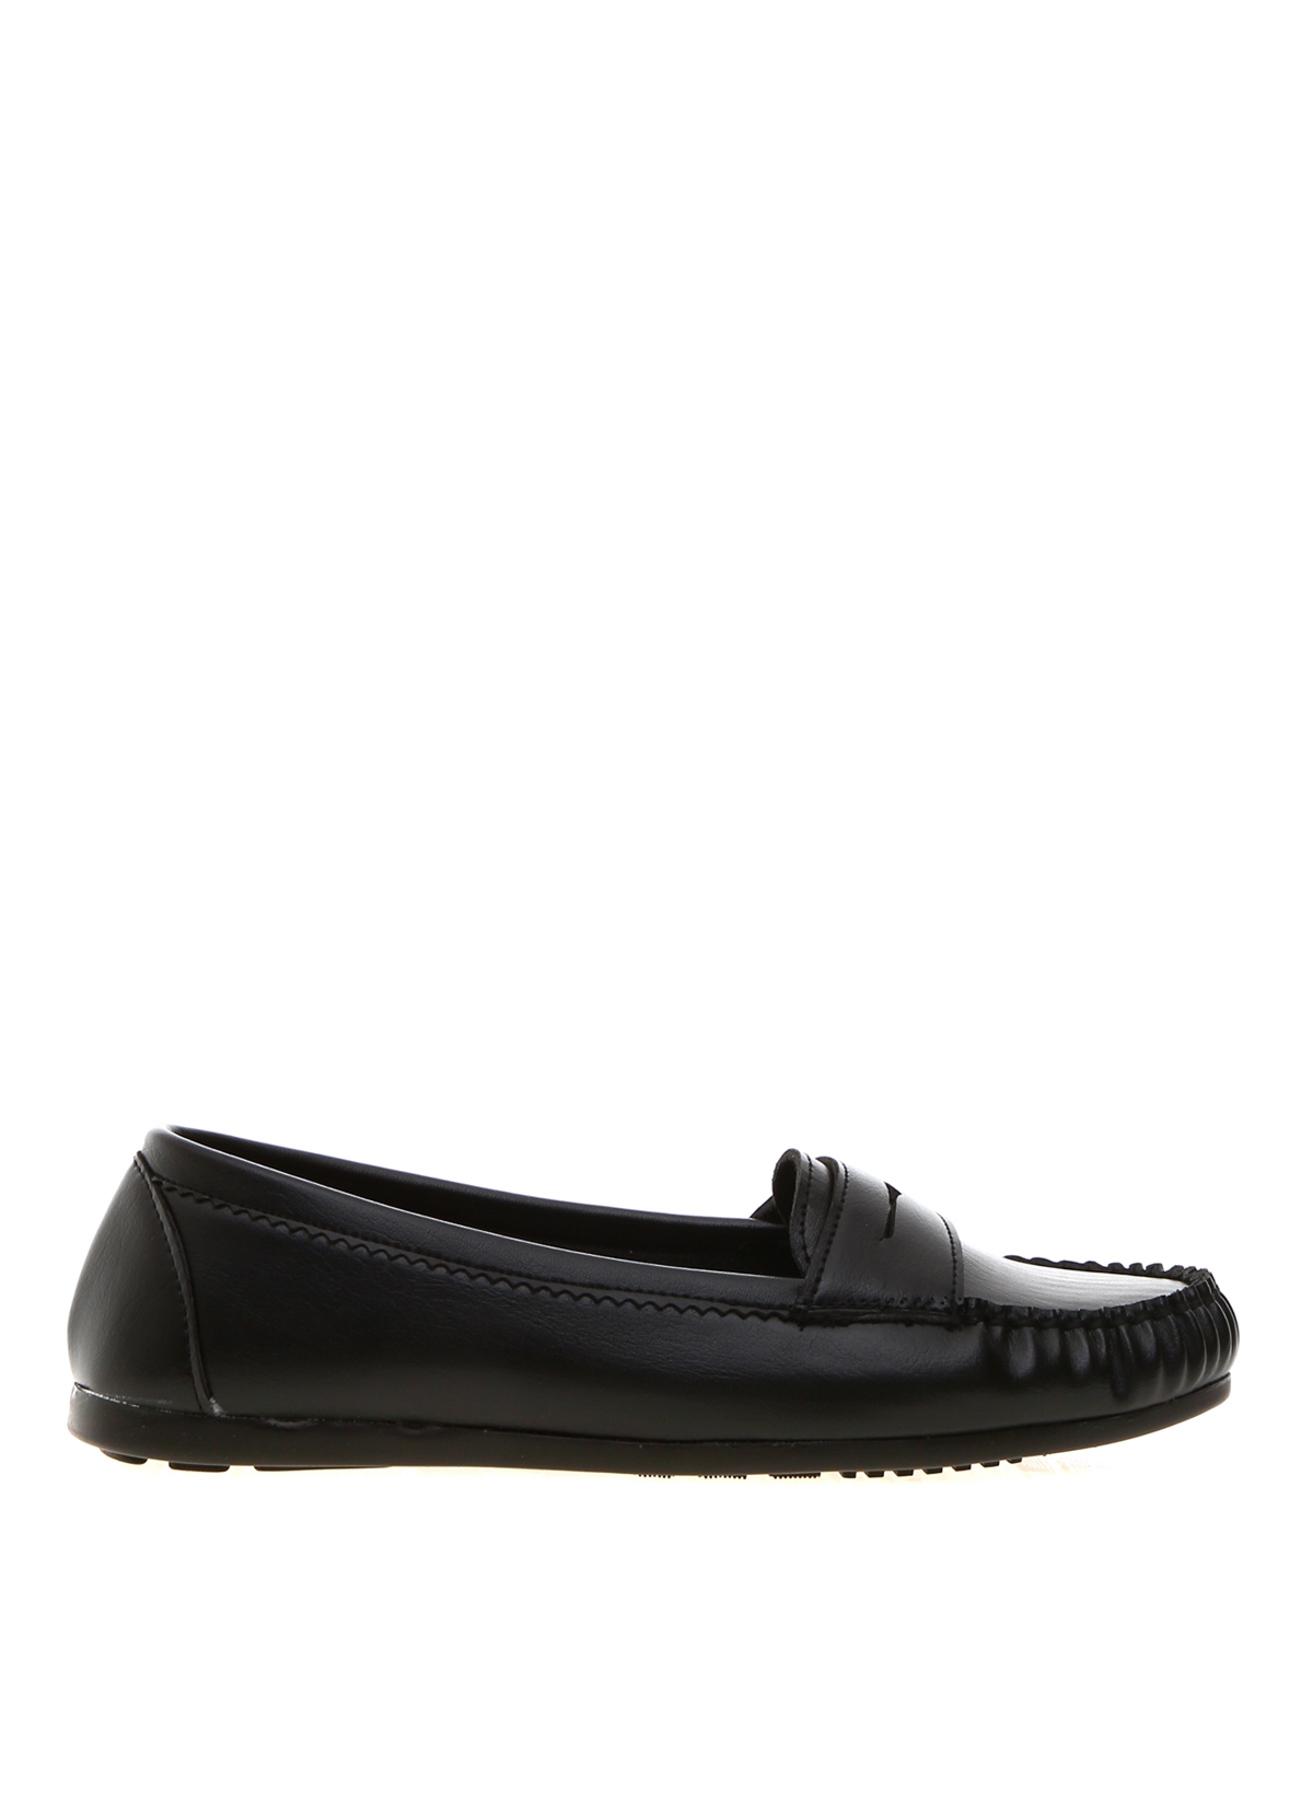 Penford Düz Ayakkabı 37 5001911269002 Ürün Resmi